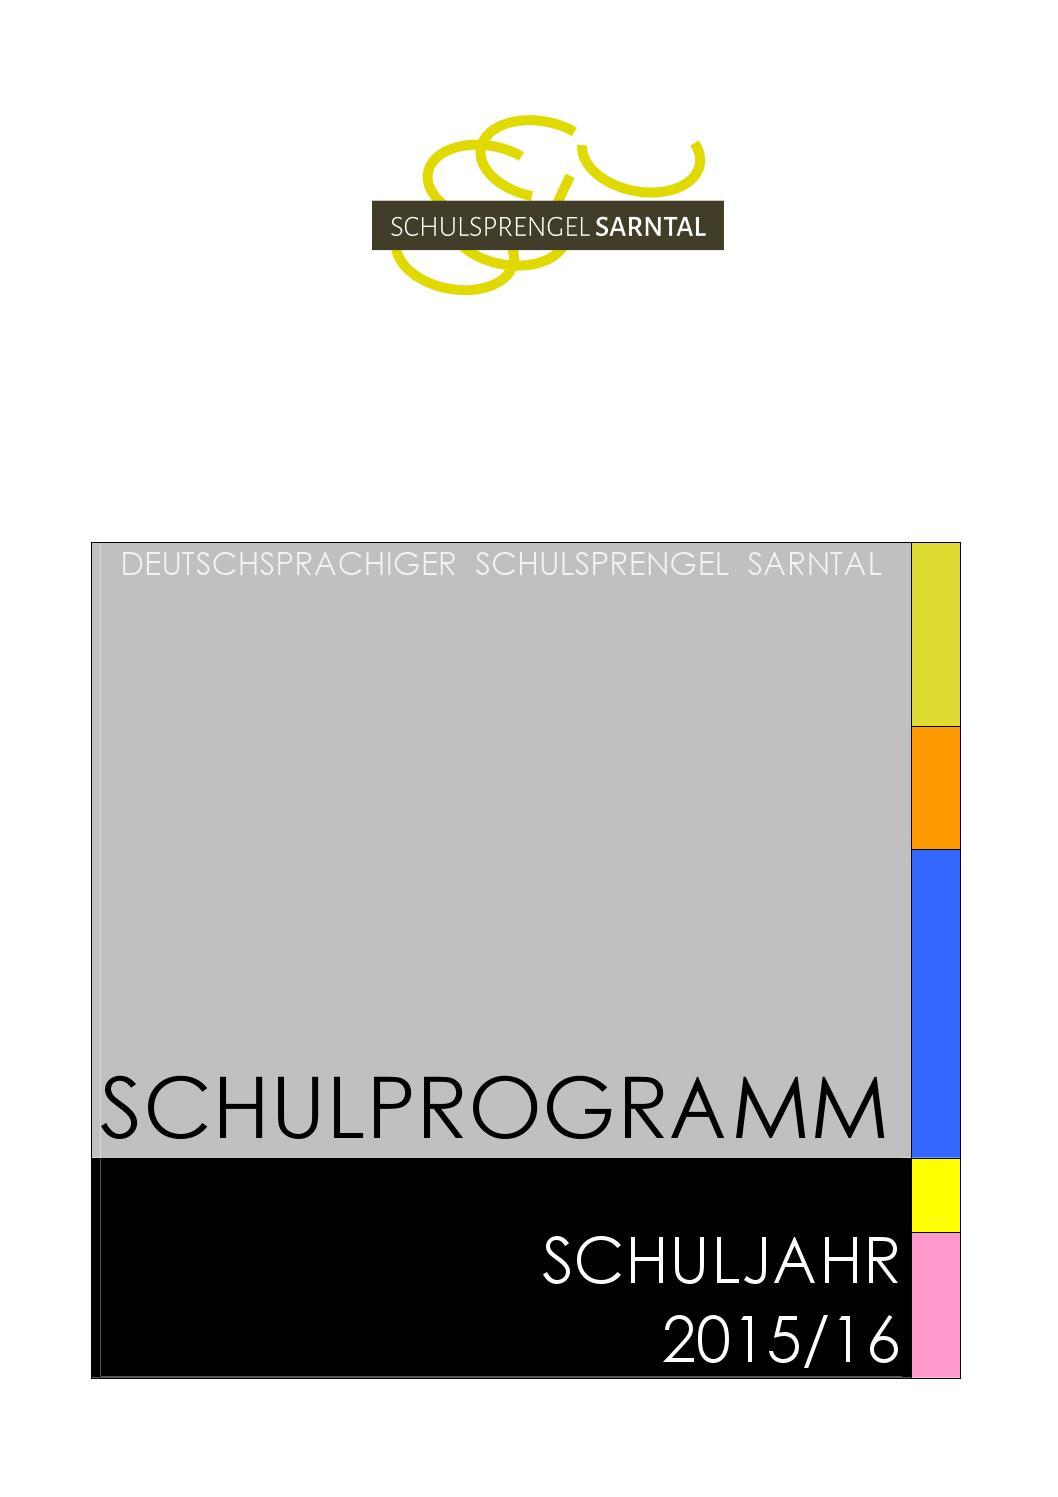 Schulprogramm 2015 2016 by Schulsprengel Sarntal - issuu